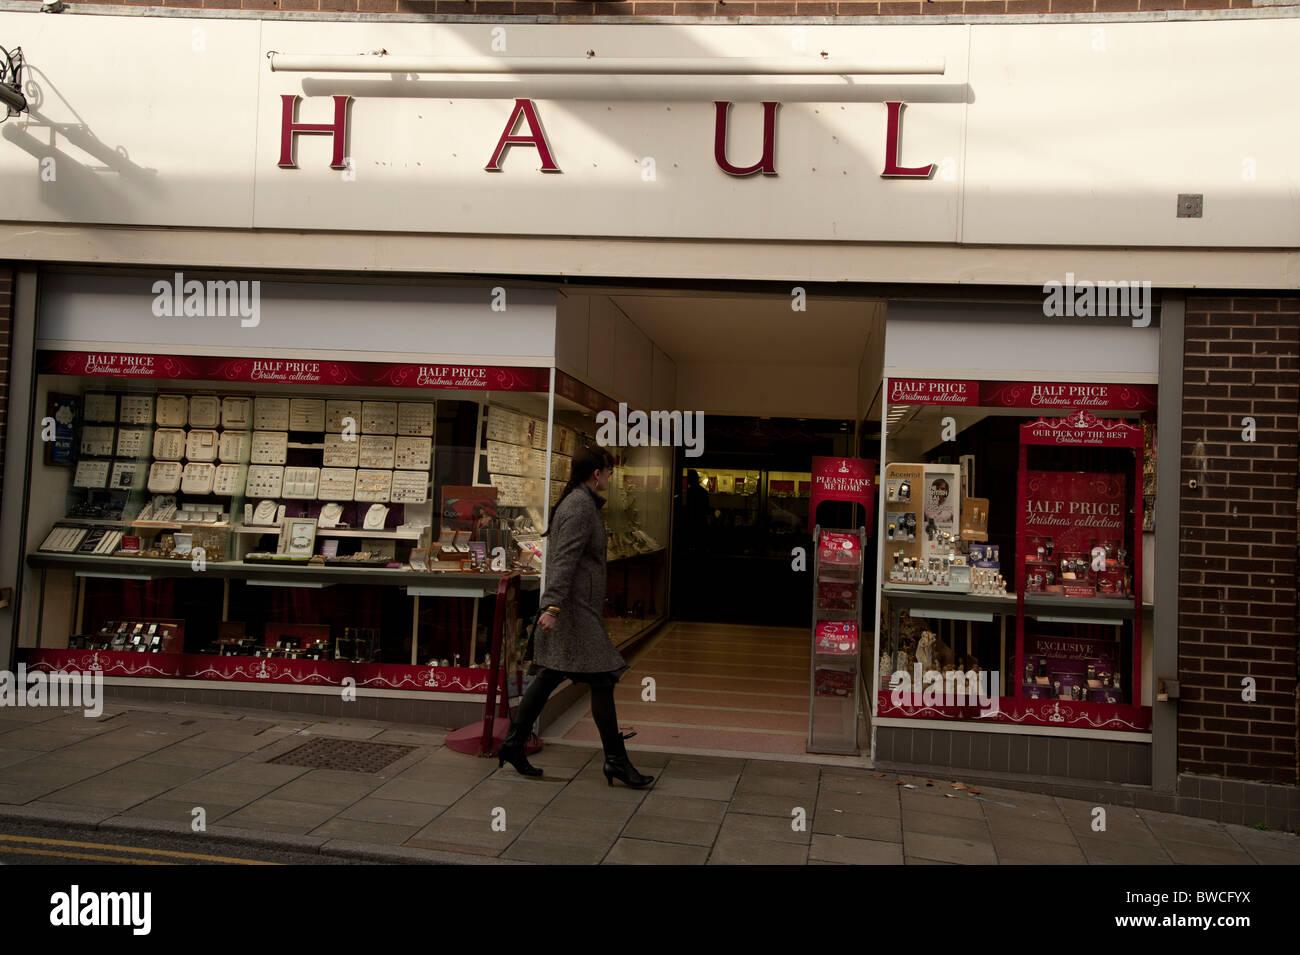 H Samuel jewellers shop with vandalised shopfront logo, Aberystwyth UK - Stock Image